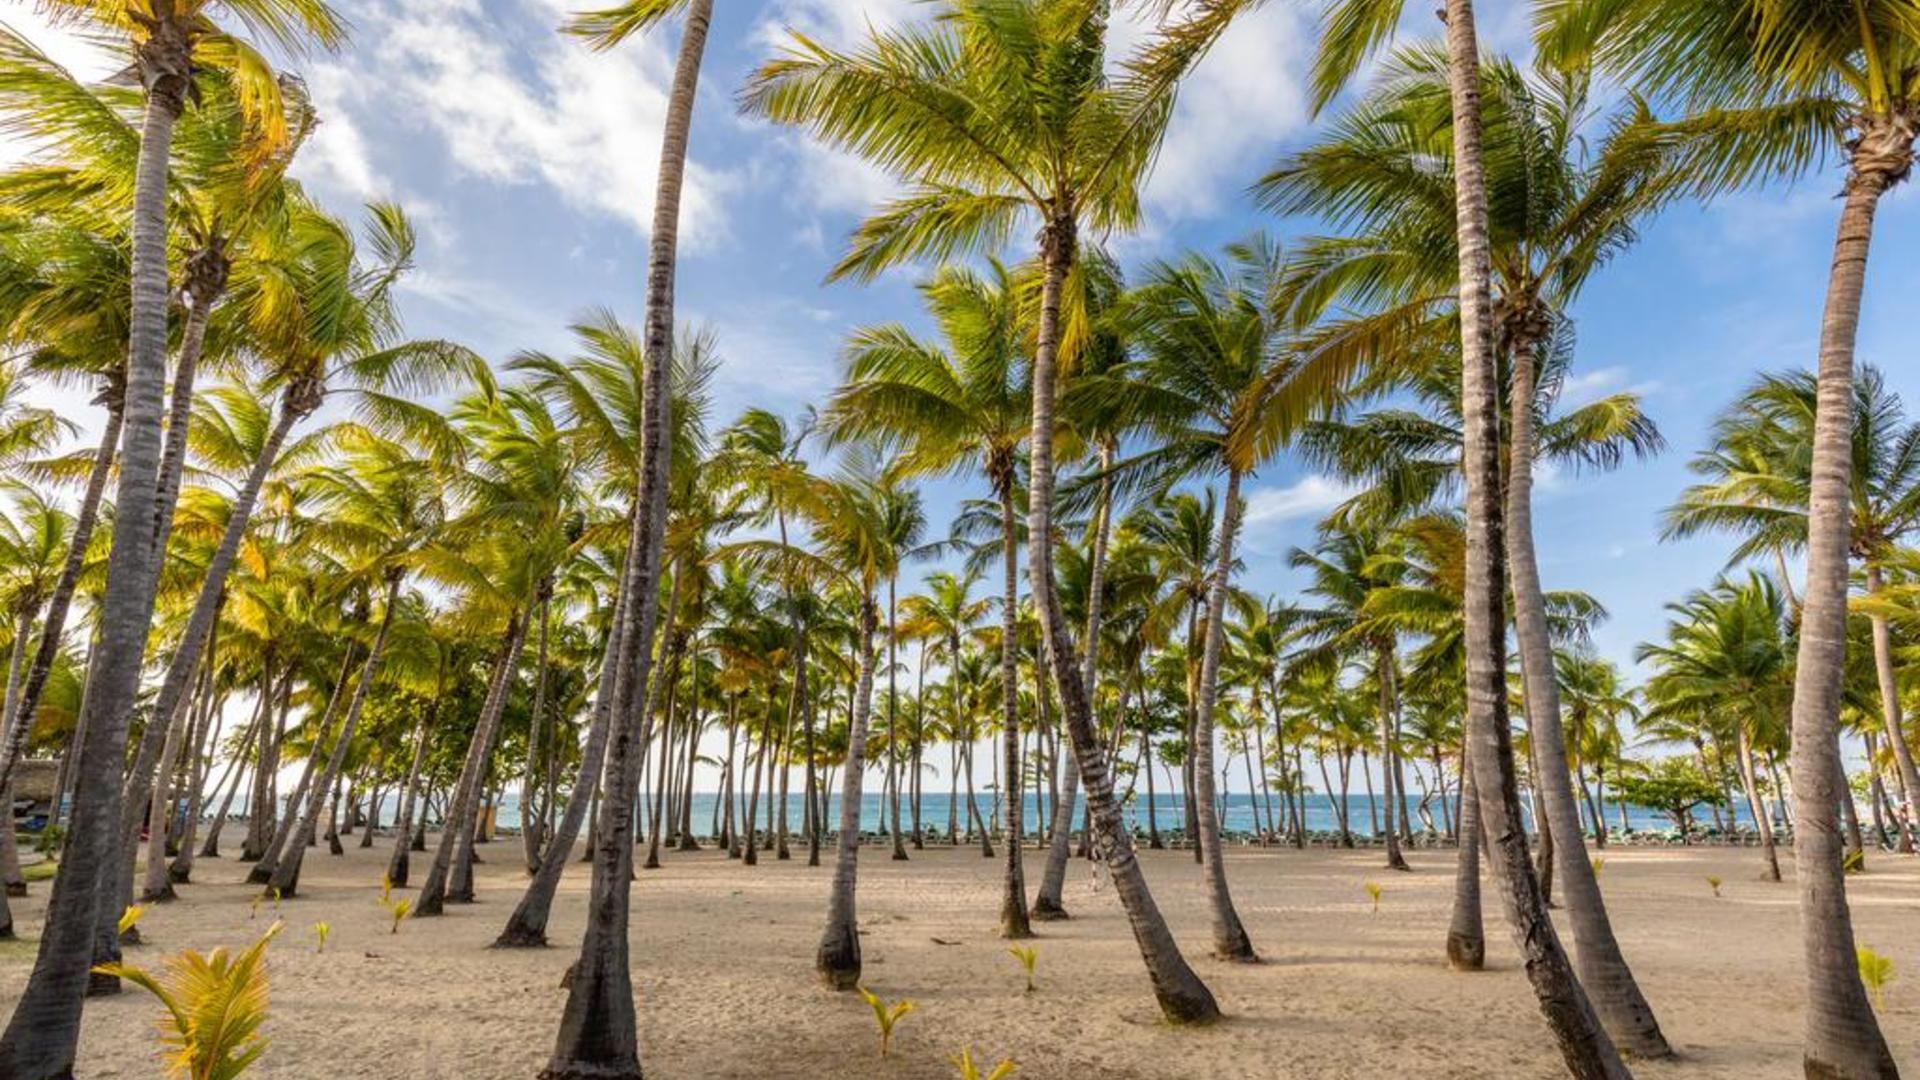 профлист это риу меренге доминикана фото пляжа целом это требовательный